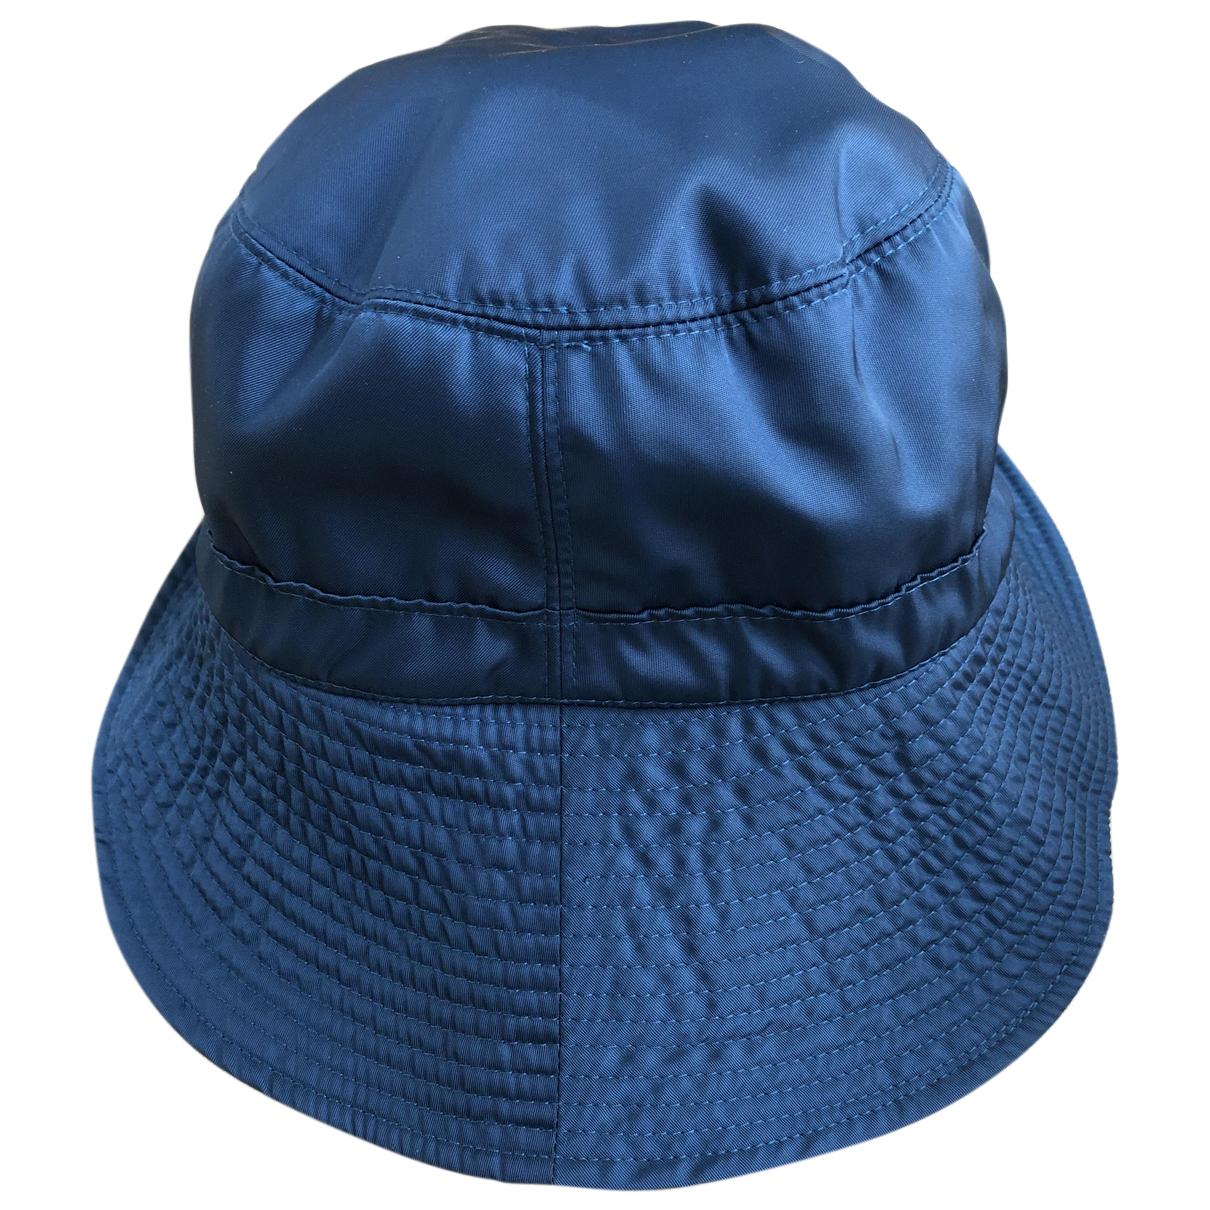 Inverni - Chapeau   pour femme en autre - bleu